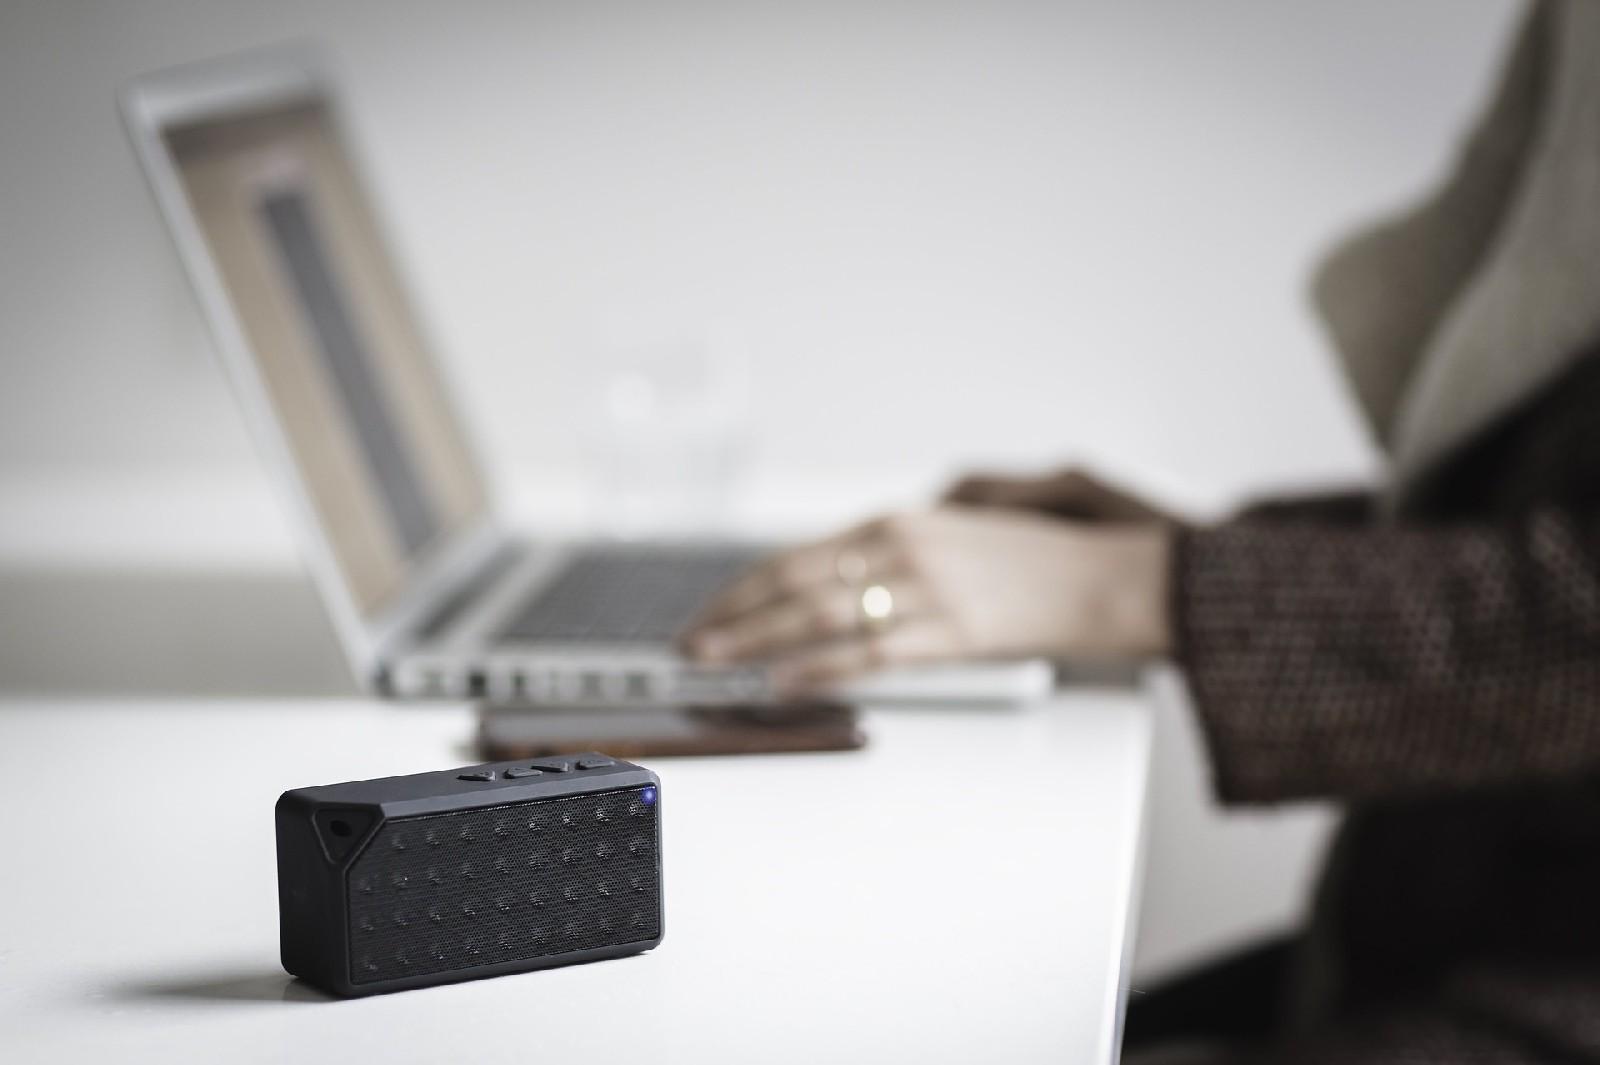 Pendrive, power bank, czy głośnik Bluetooth – co najlepiej sprawdzi się w roli gadżetu reklamowego?